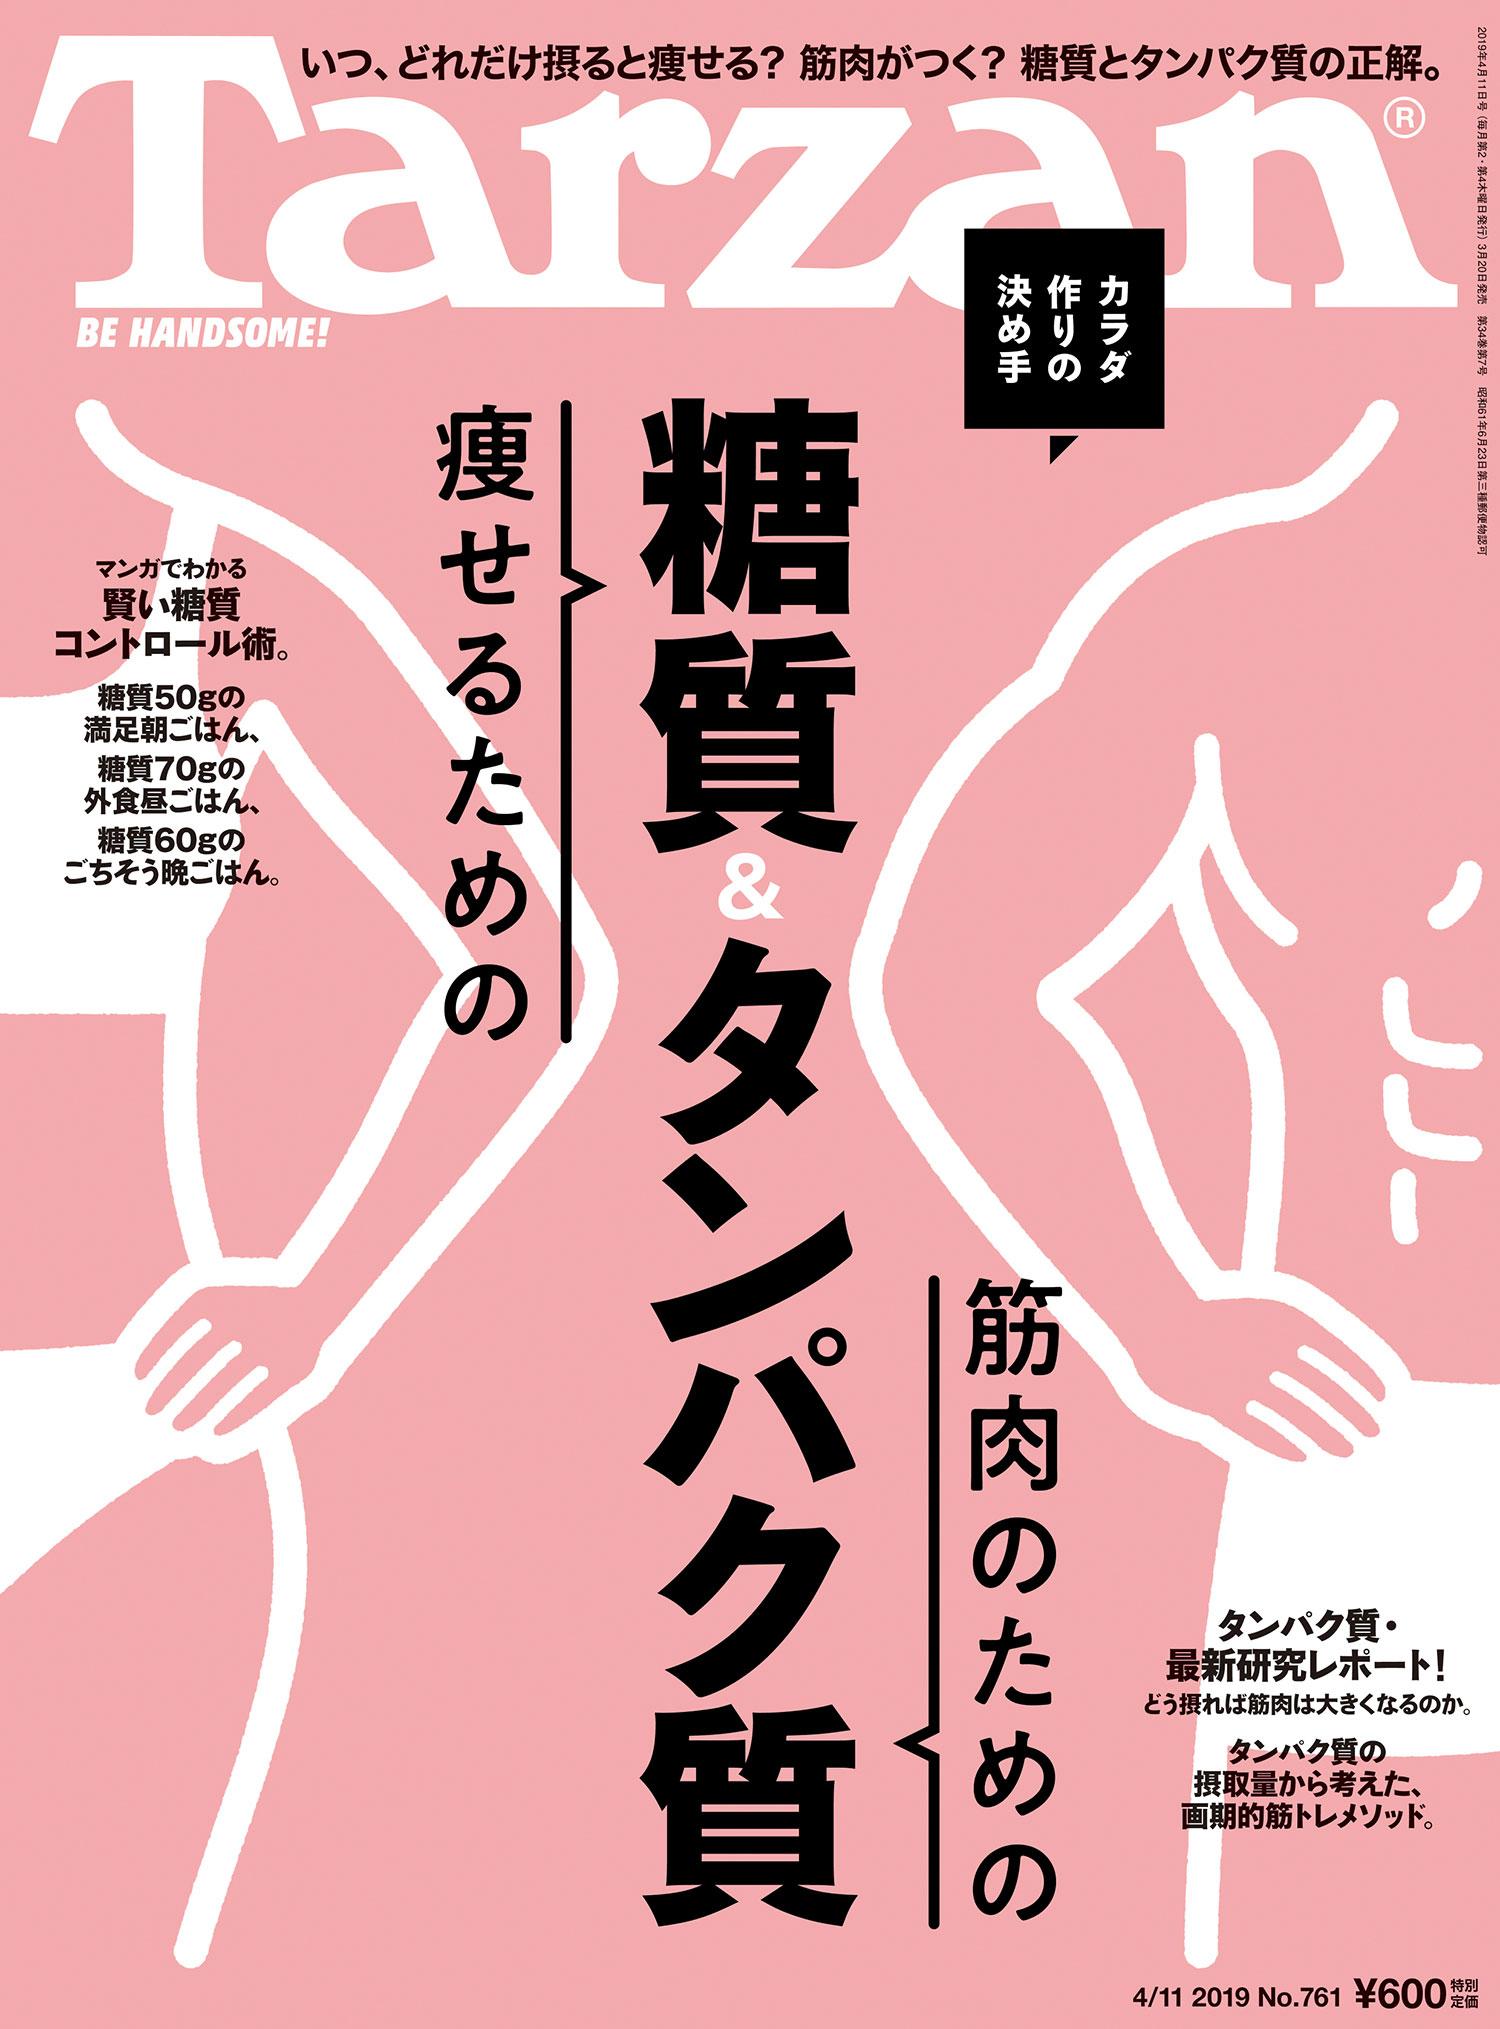 """雑誌『ターザン 』761号「痩せるための """"糖質"""" & 筋肉のための""""タンパク質""""」特集、表紙画像。"""